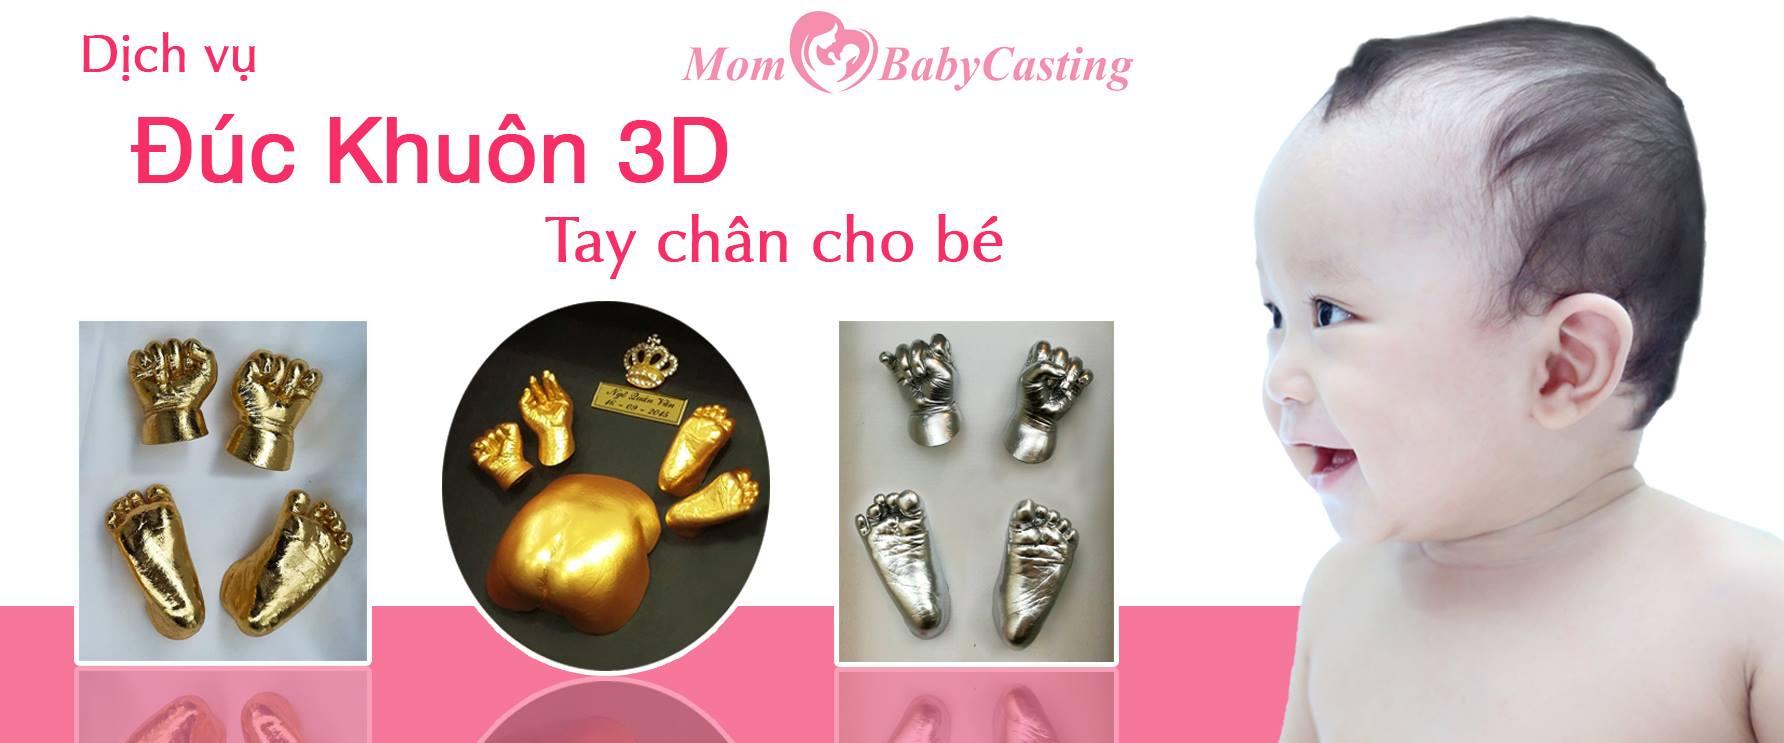 Đúc khuôn tay chân 3D Mom Baby Casting